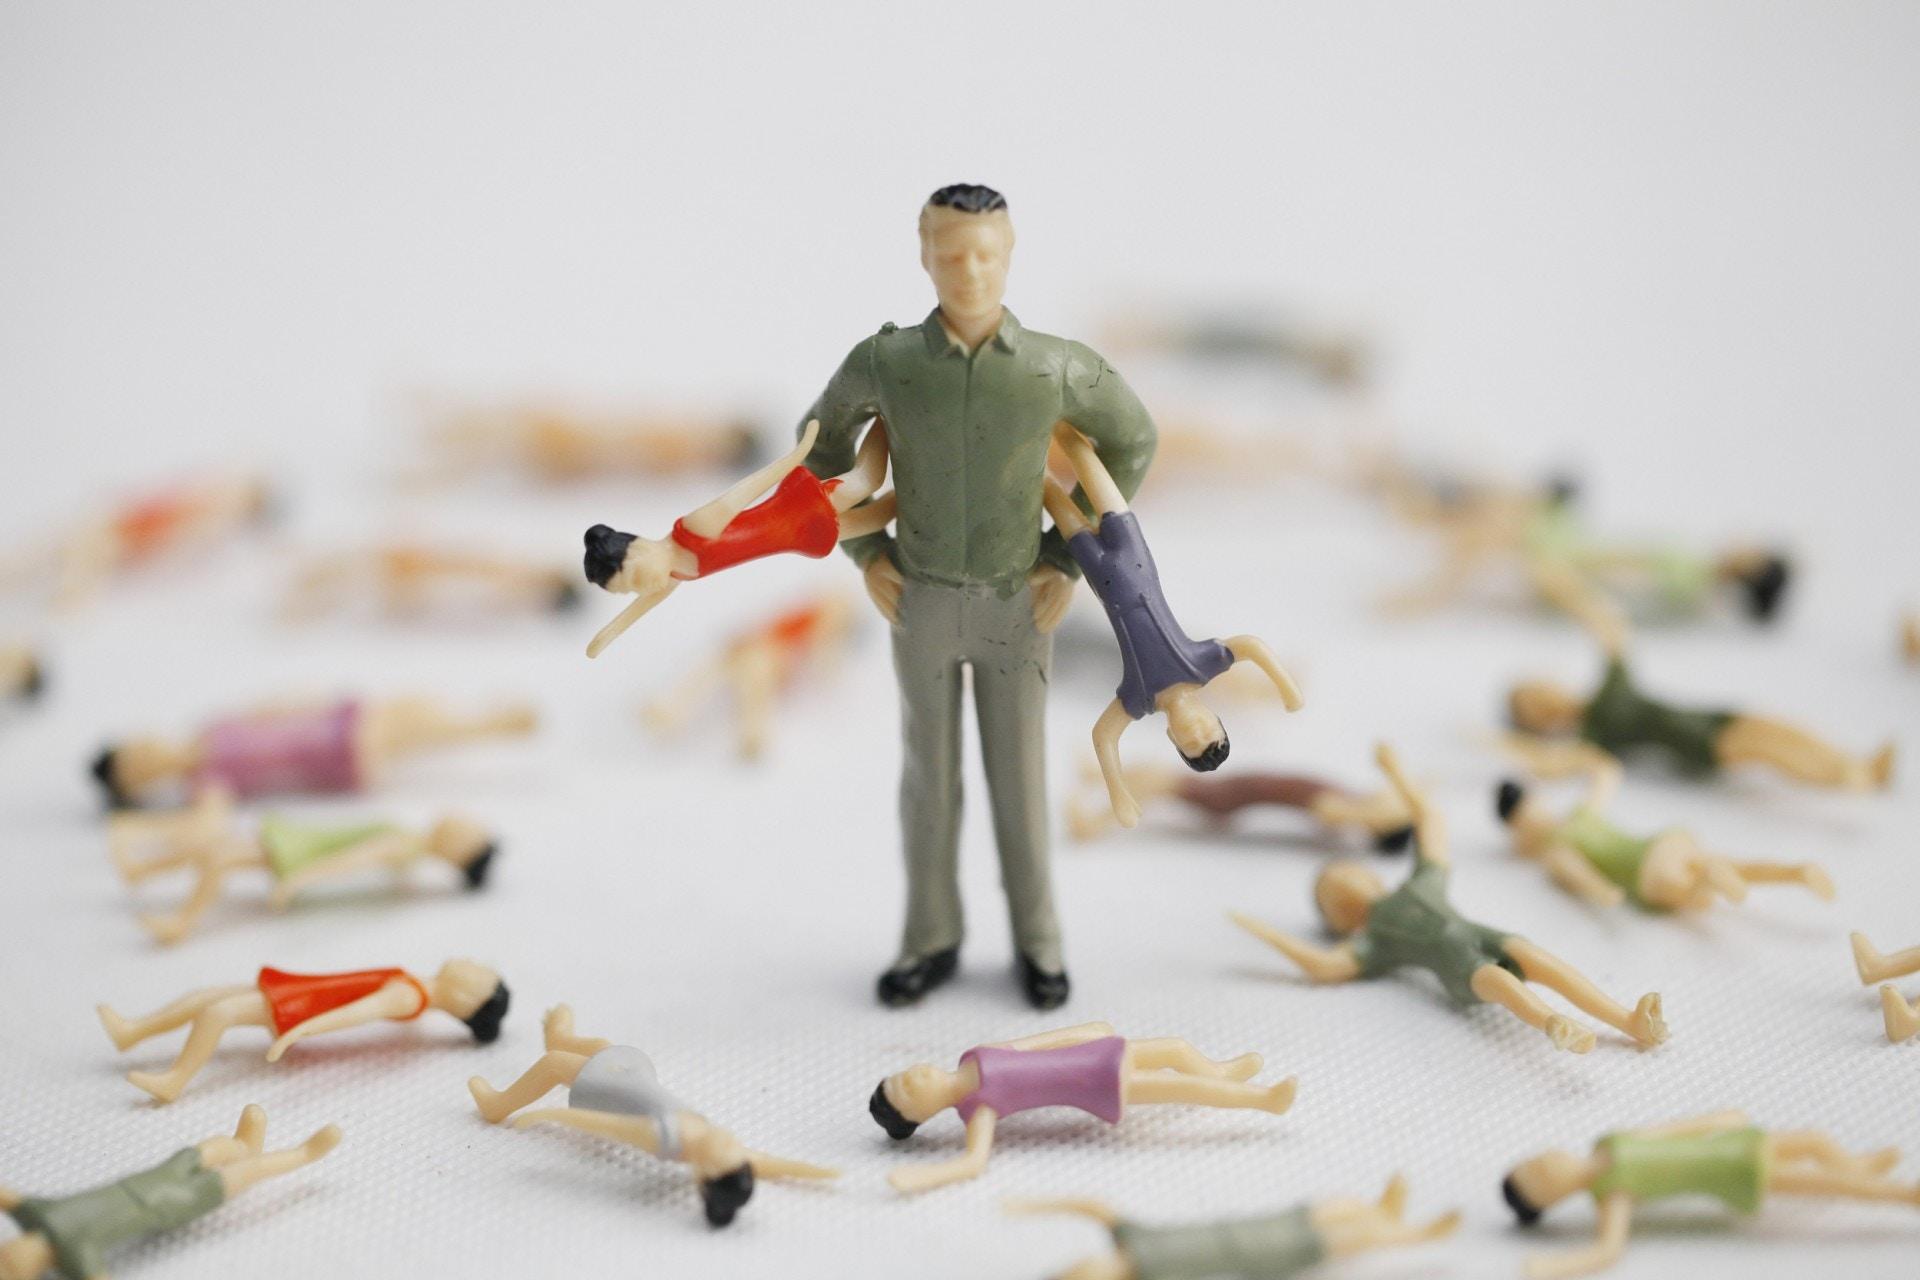 甘肅慶陽校園欺凌案頻生 被猥褻受害人跳樓 女生被脫褲摸下體|香港01|即時中國